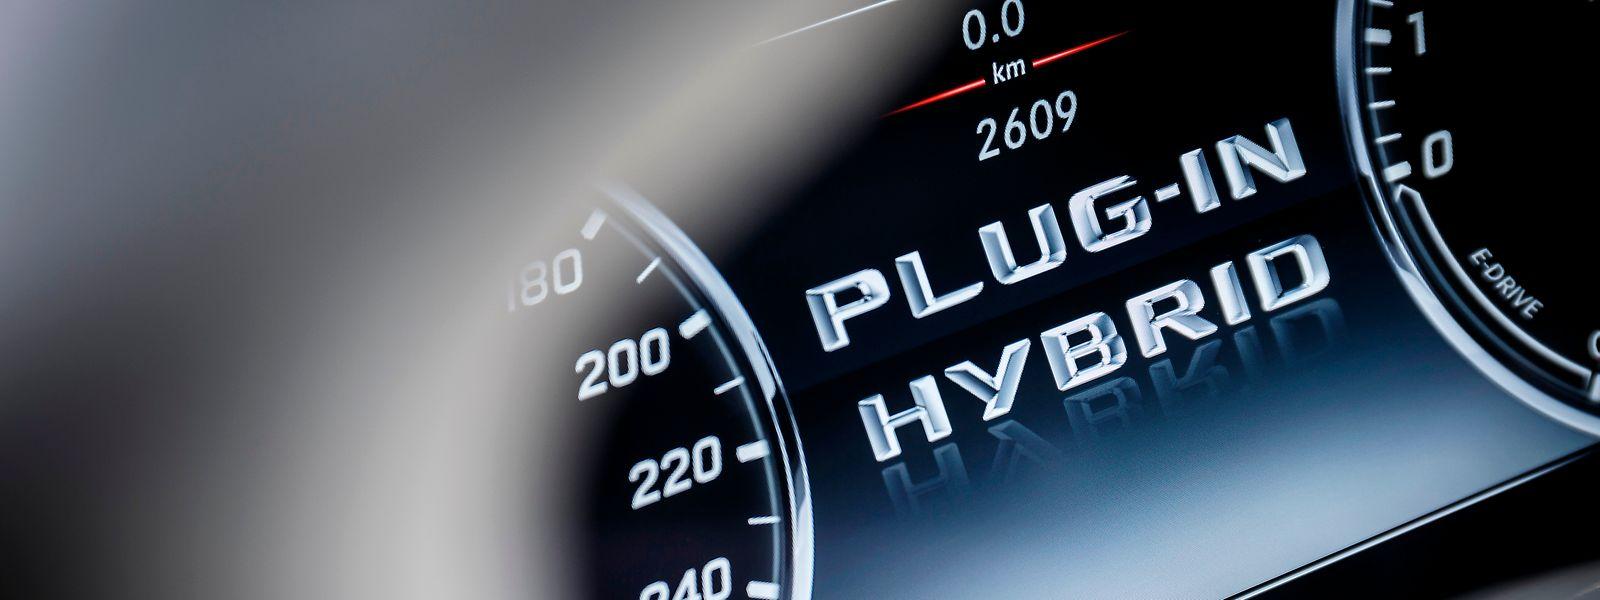 Pour 2020, les véhicules hybrides ou électriques ont représenté 20% des nouvelles immatriculations.